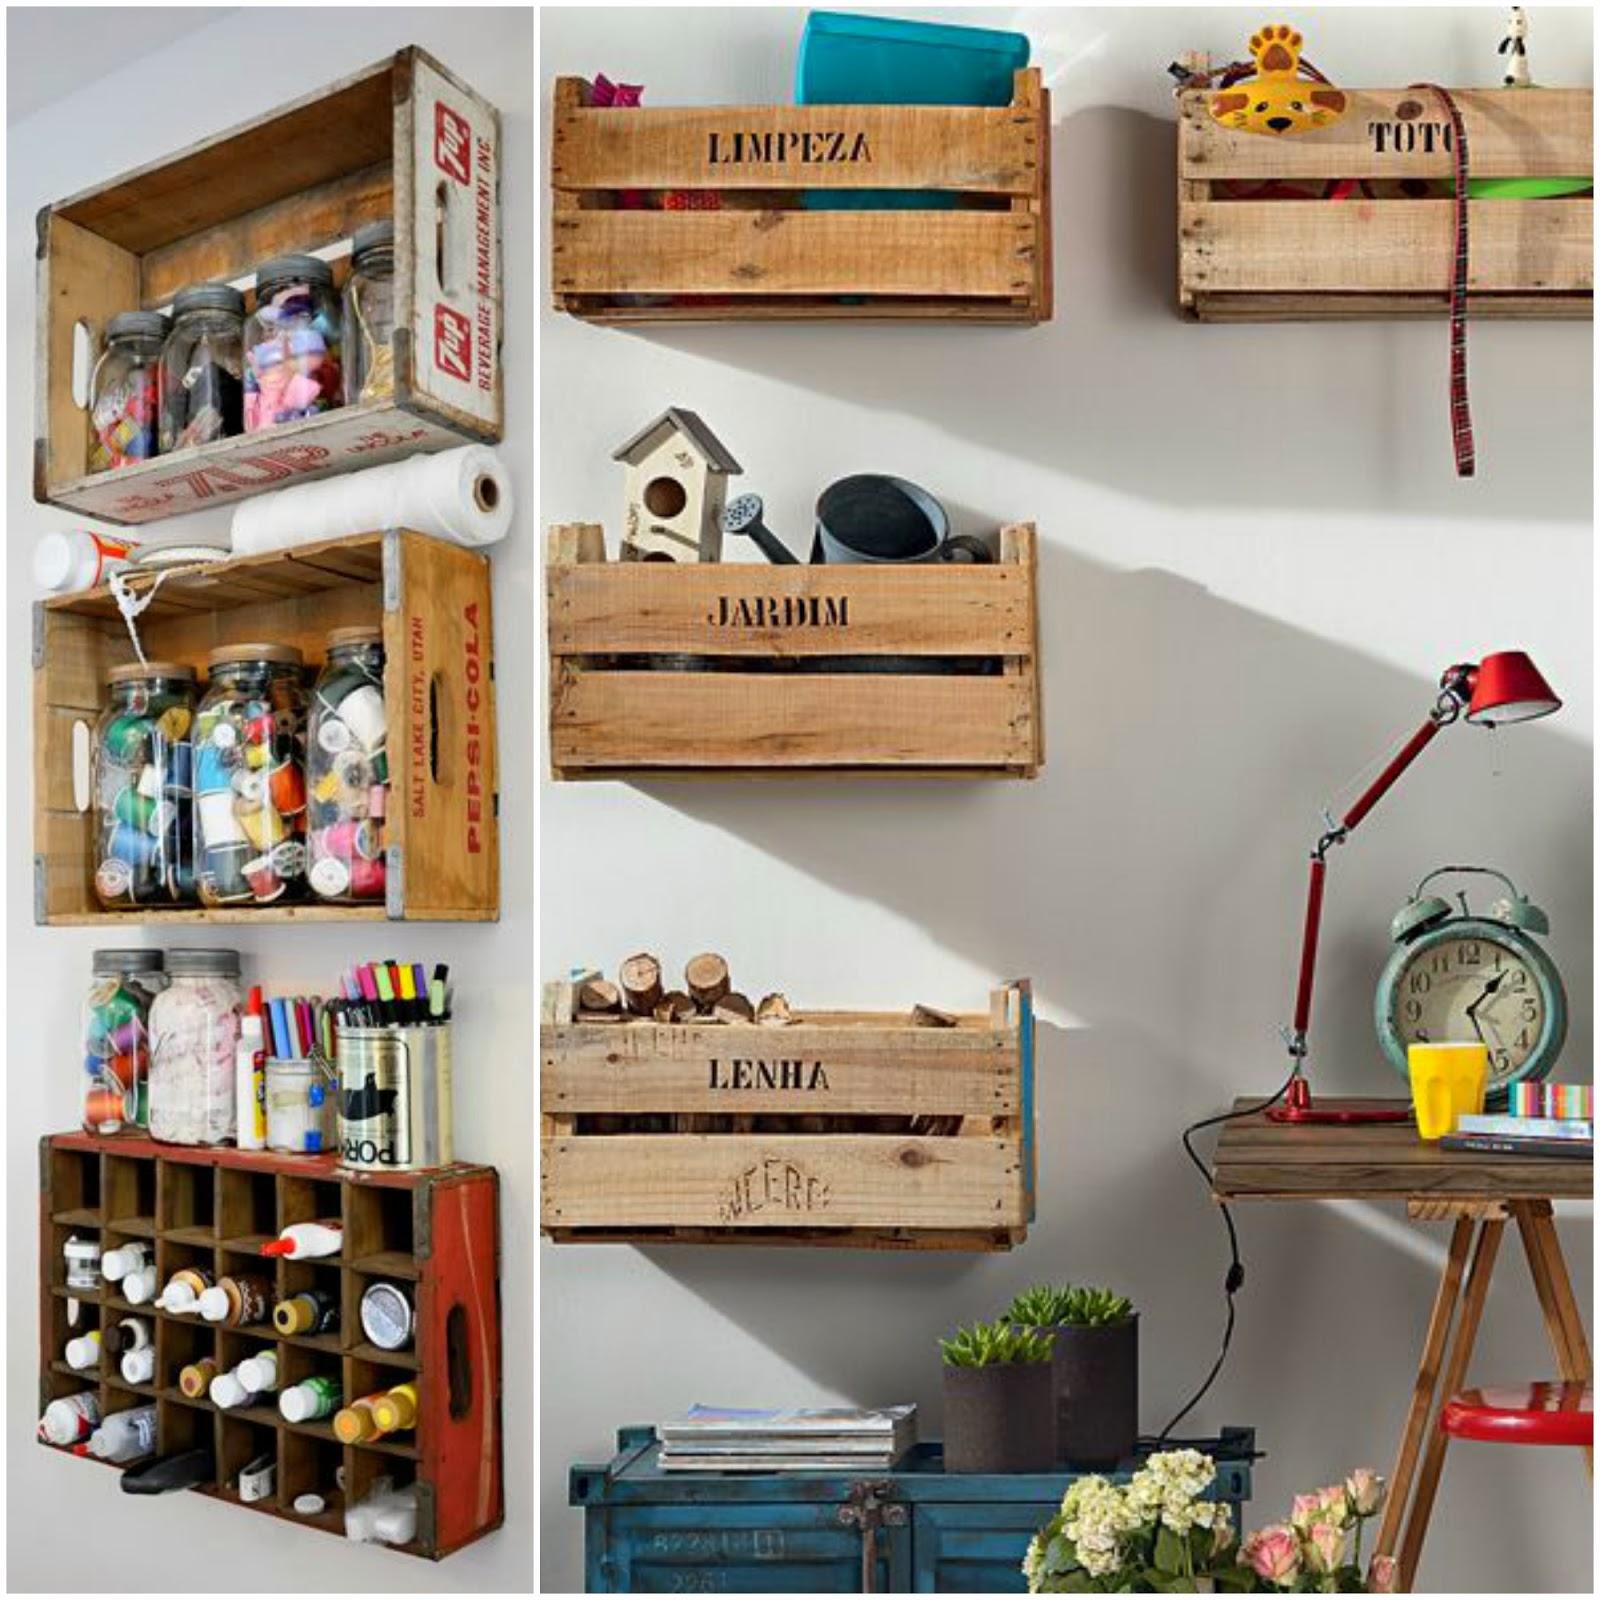 Revistas Muebles Revistas Muebles Revista De Decoracin El Mueble  # Muebles De Madera Sostenible